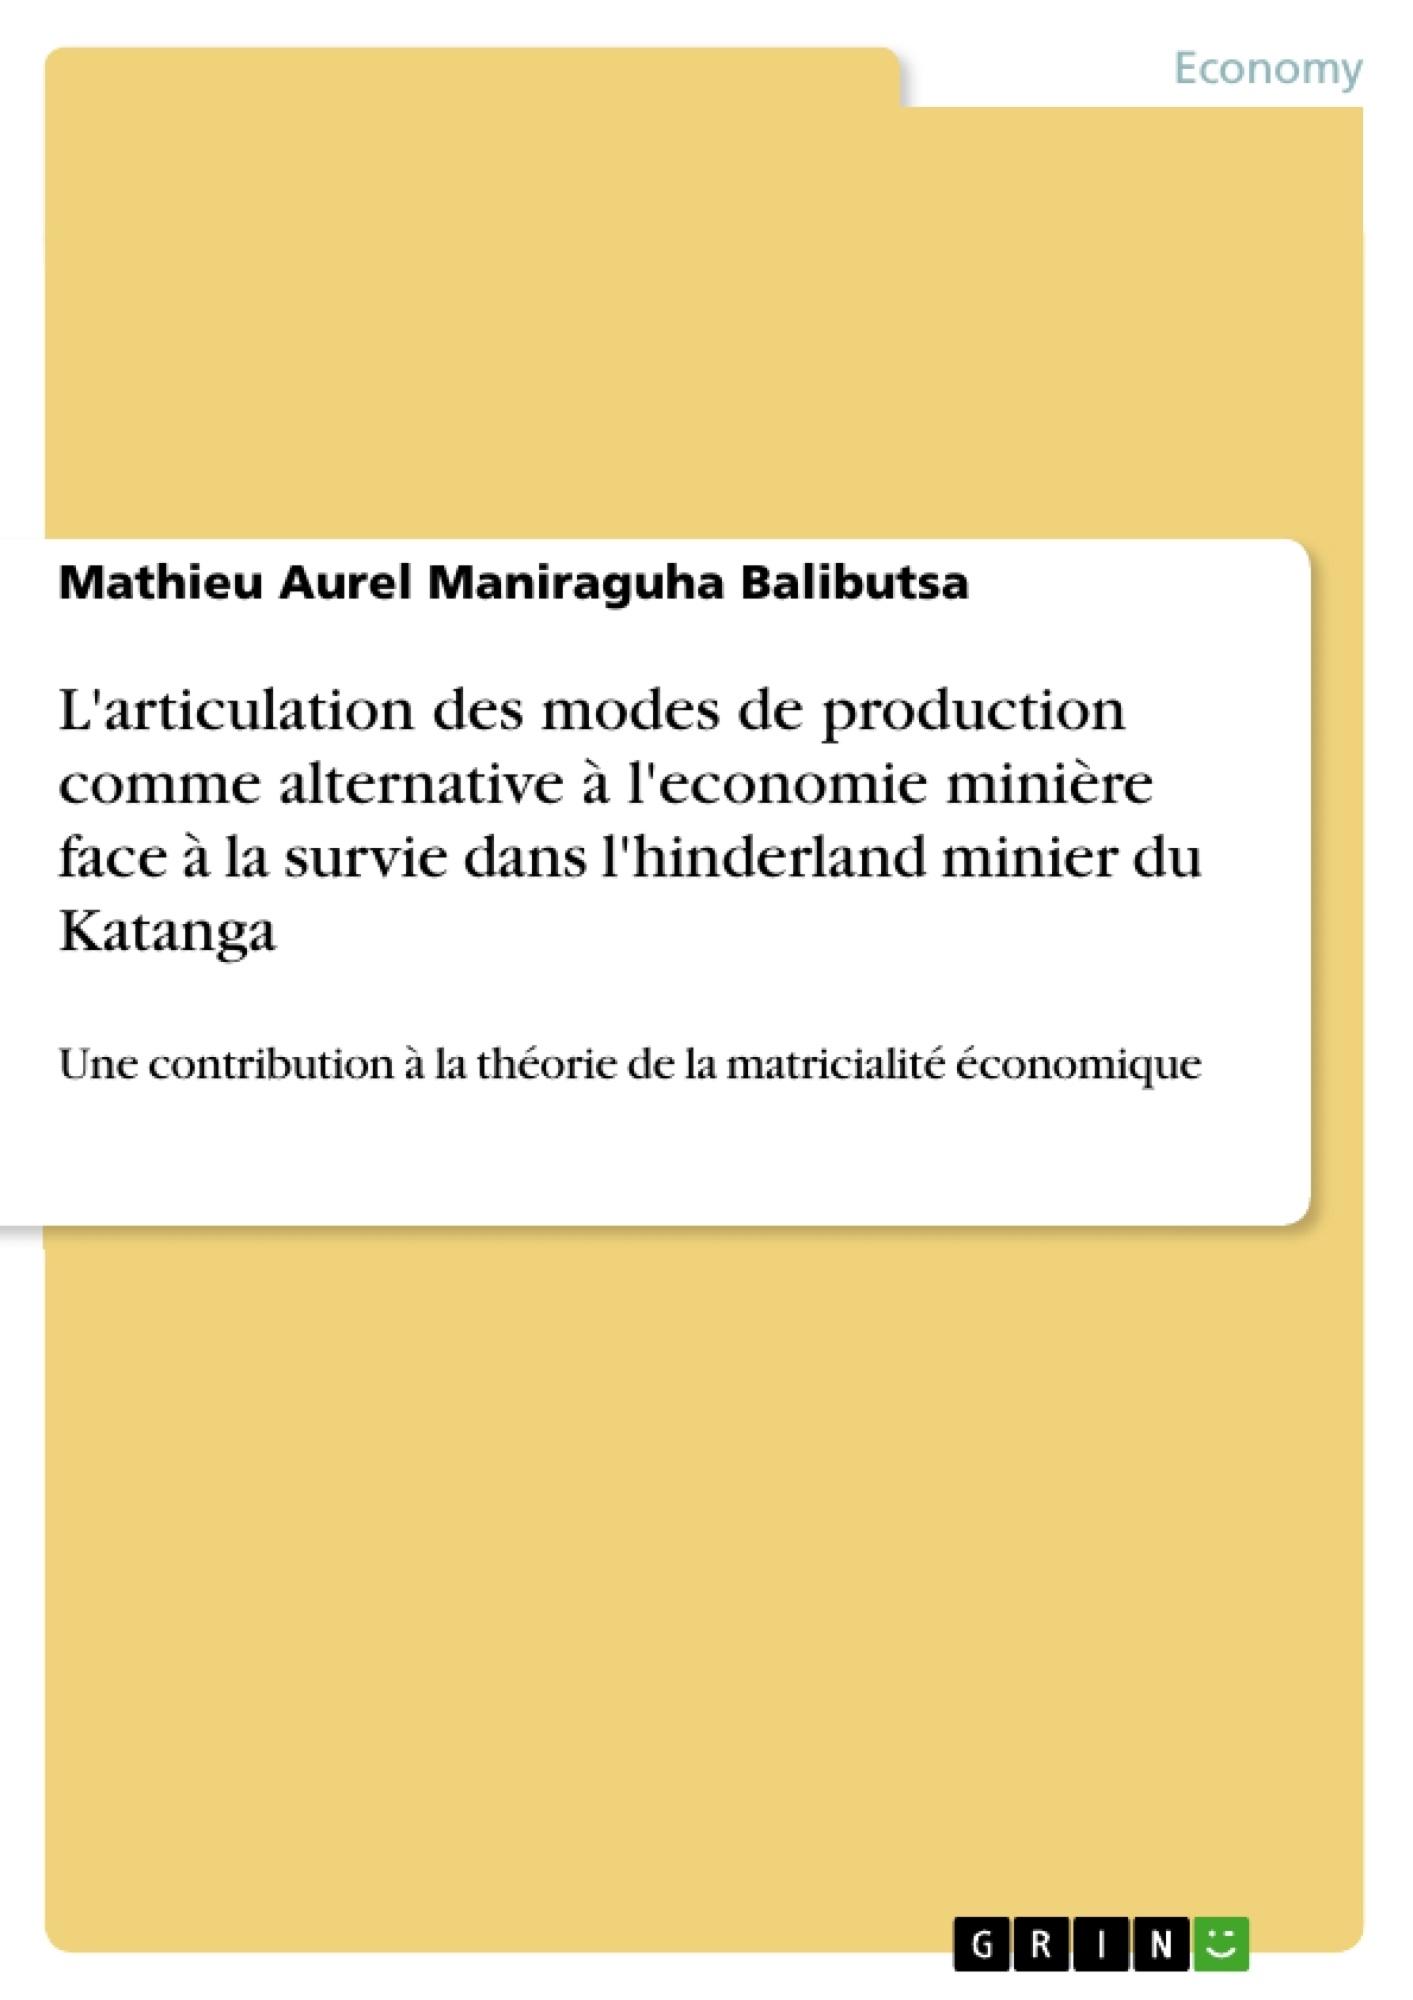 Titre: L'articulation des modes de production comme alternative à l'economie minière face à la survie dans l'hinderland minier du Katanga